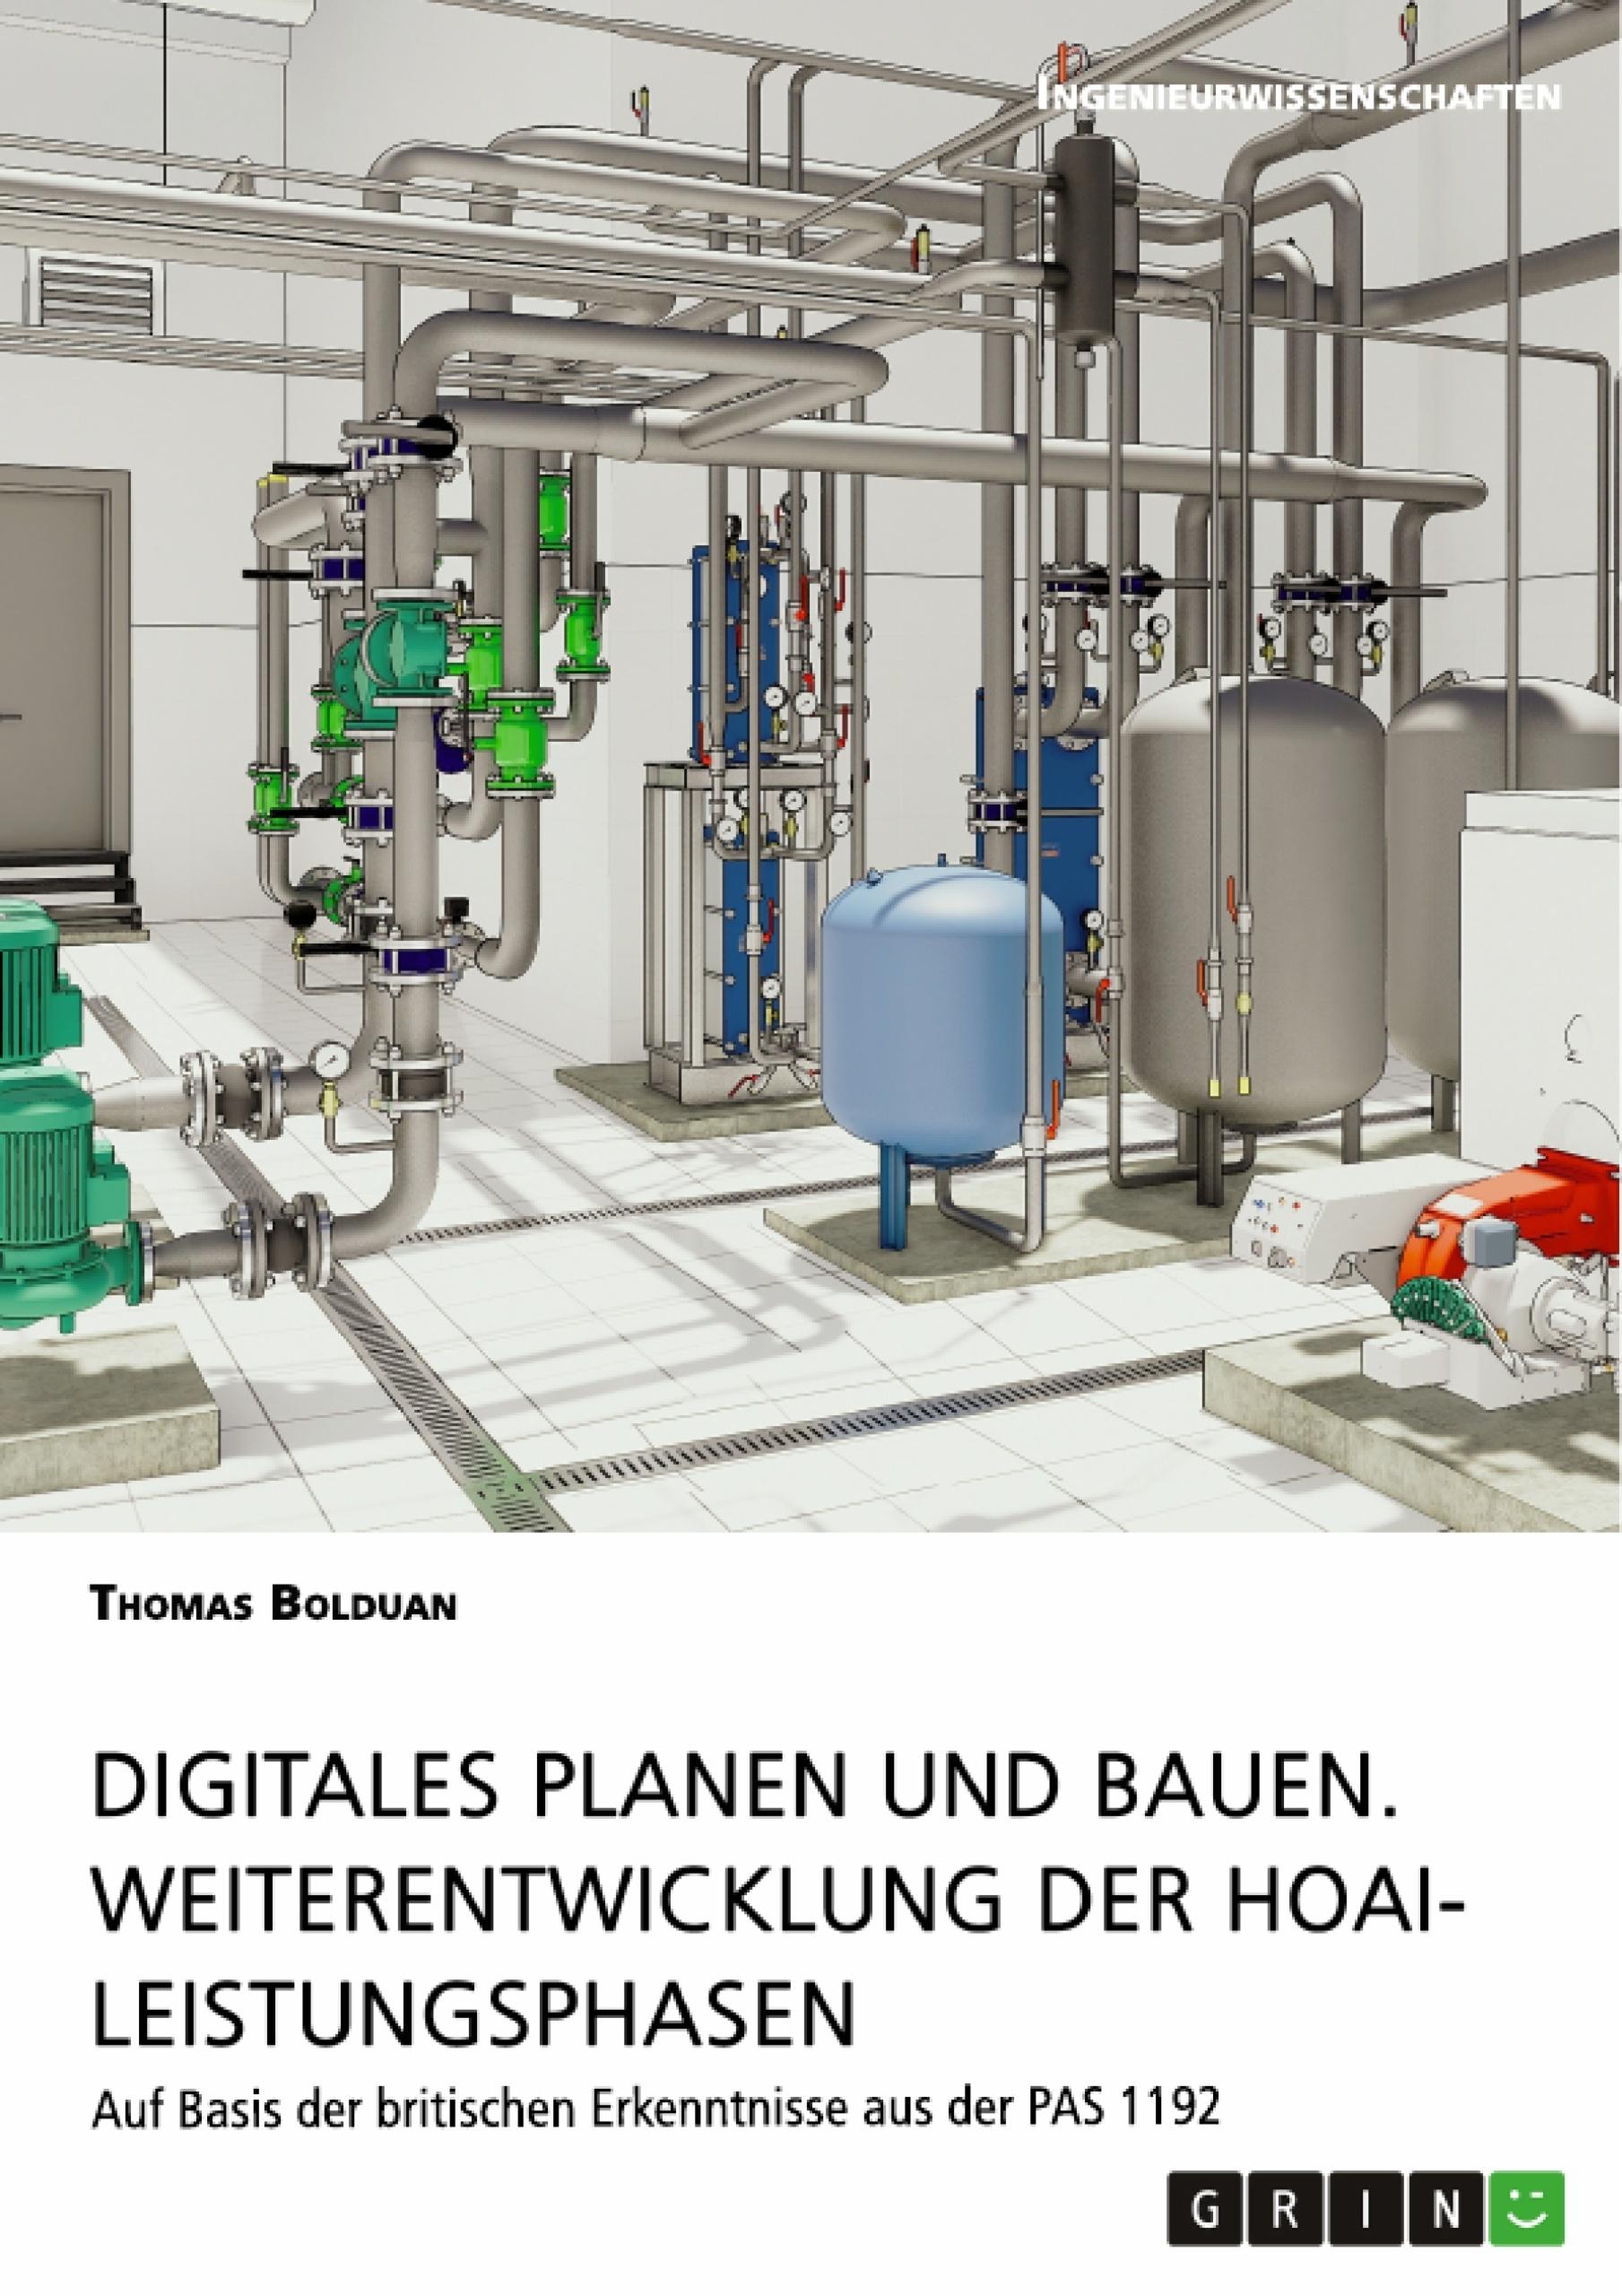 Titel: Digitales Planen und Bauen. Weiterentwicklung der HOAI-Leistungsphasen